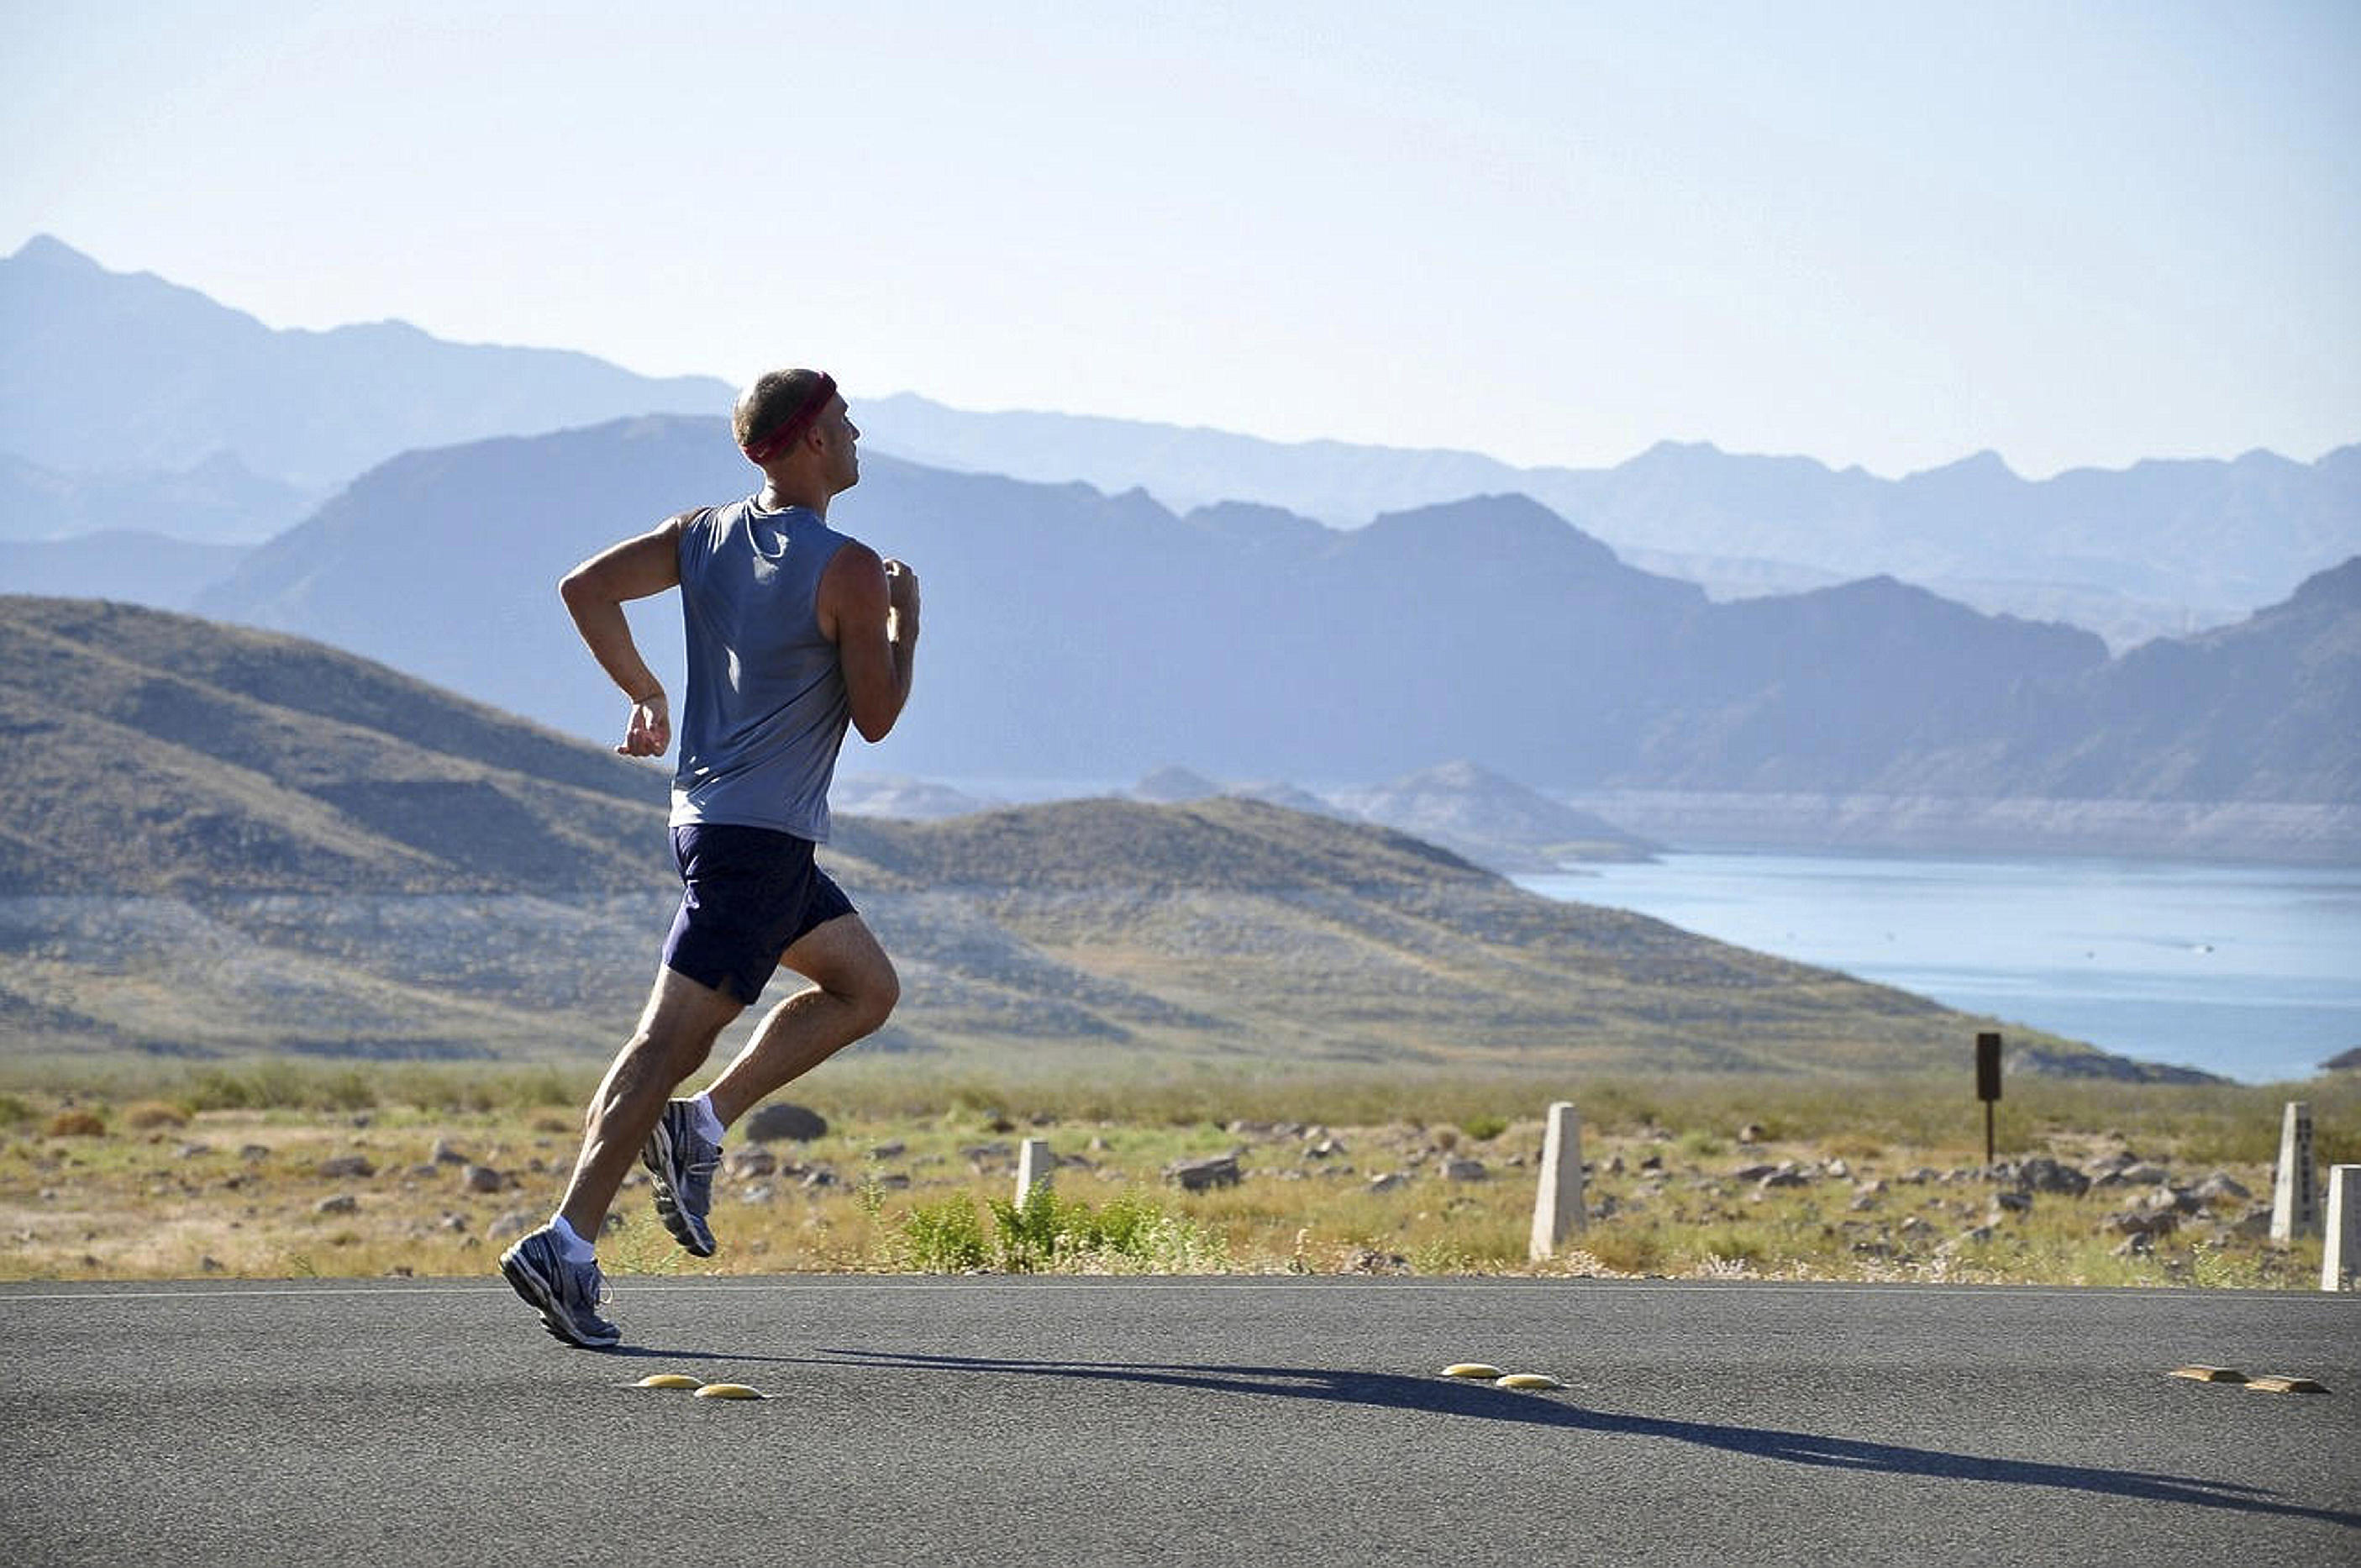 ممارسة الرياضة بانتظام قد تقلل من خطر الإصابة بالزهايمر